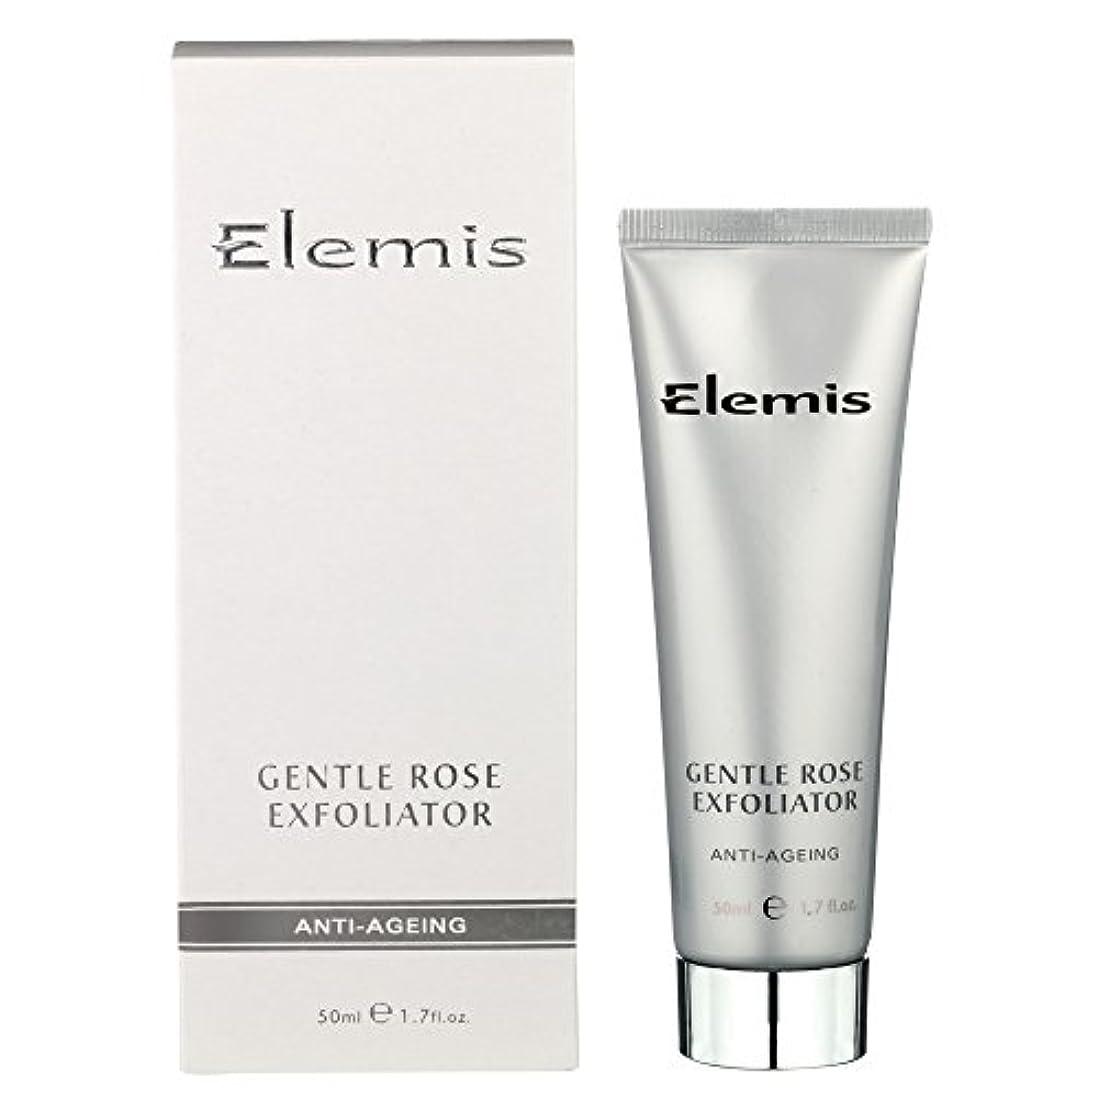 継続中縮れた専門用語エレミスは穏やかなエクスフォリエーターをバラ (Elemis) (x2) - Elemis Gentle Rose Exfoliator (Pack of 2) [並行輸入品]